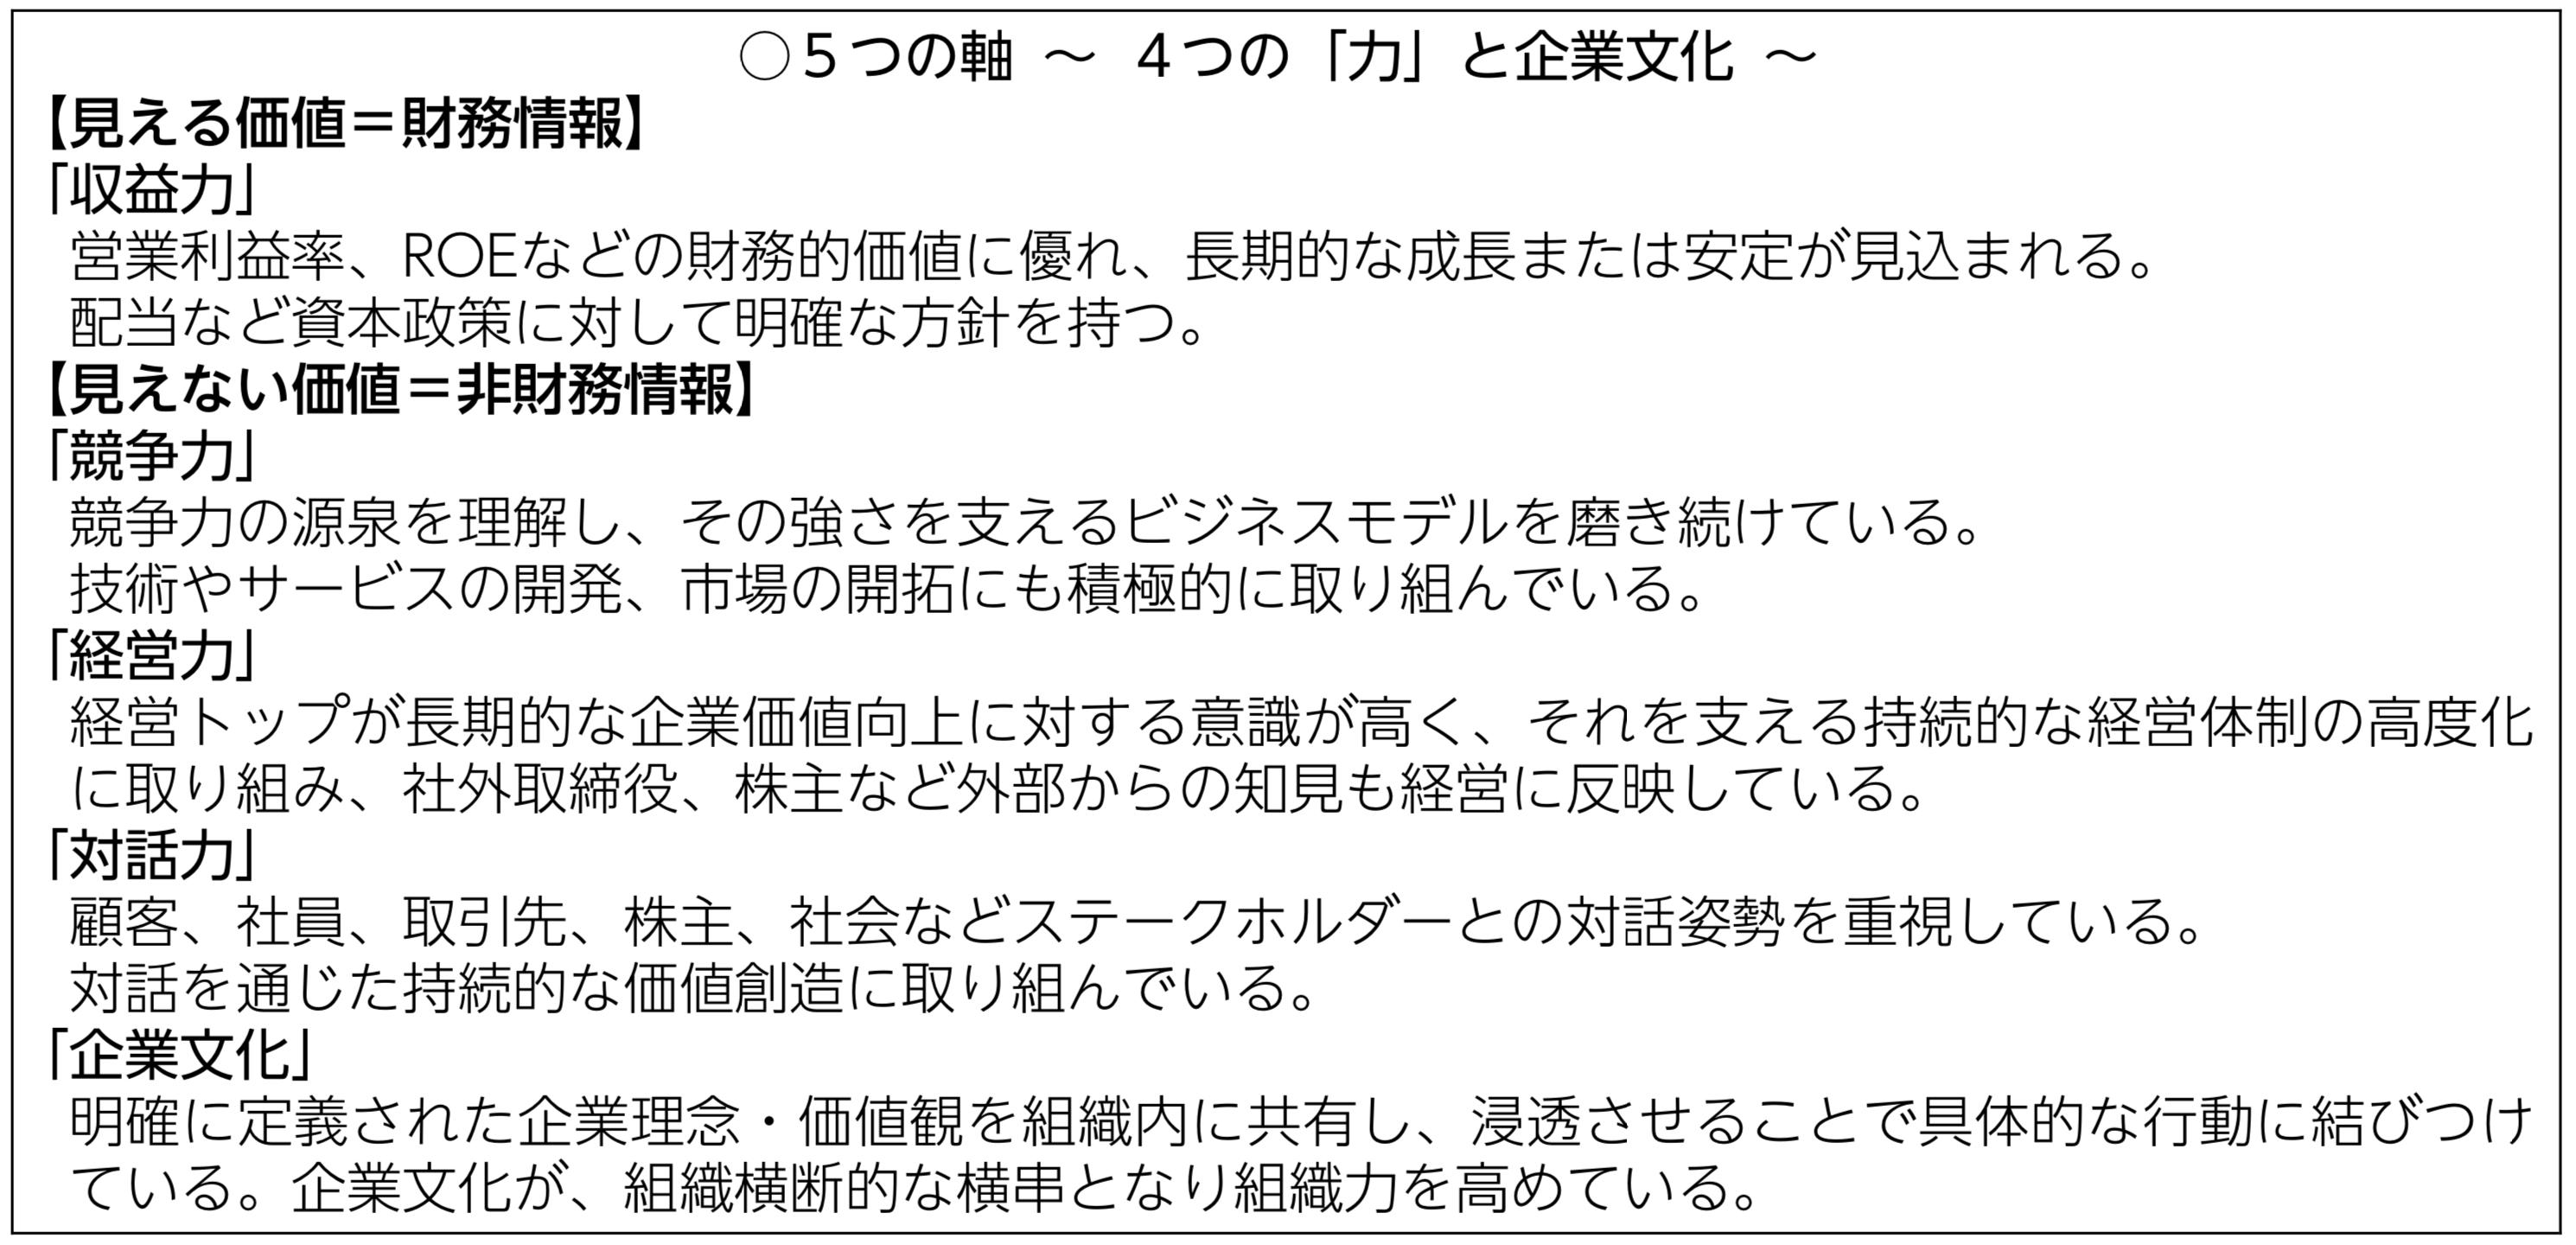 コモンズ30ファンド